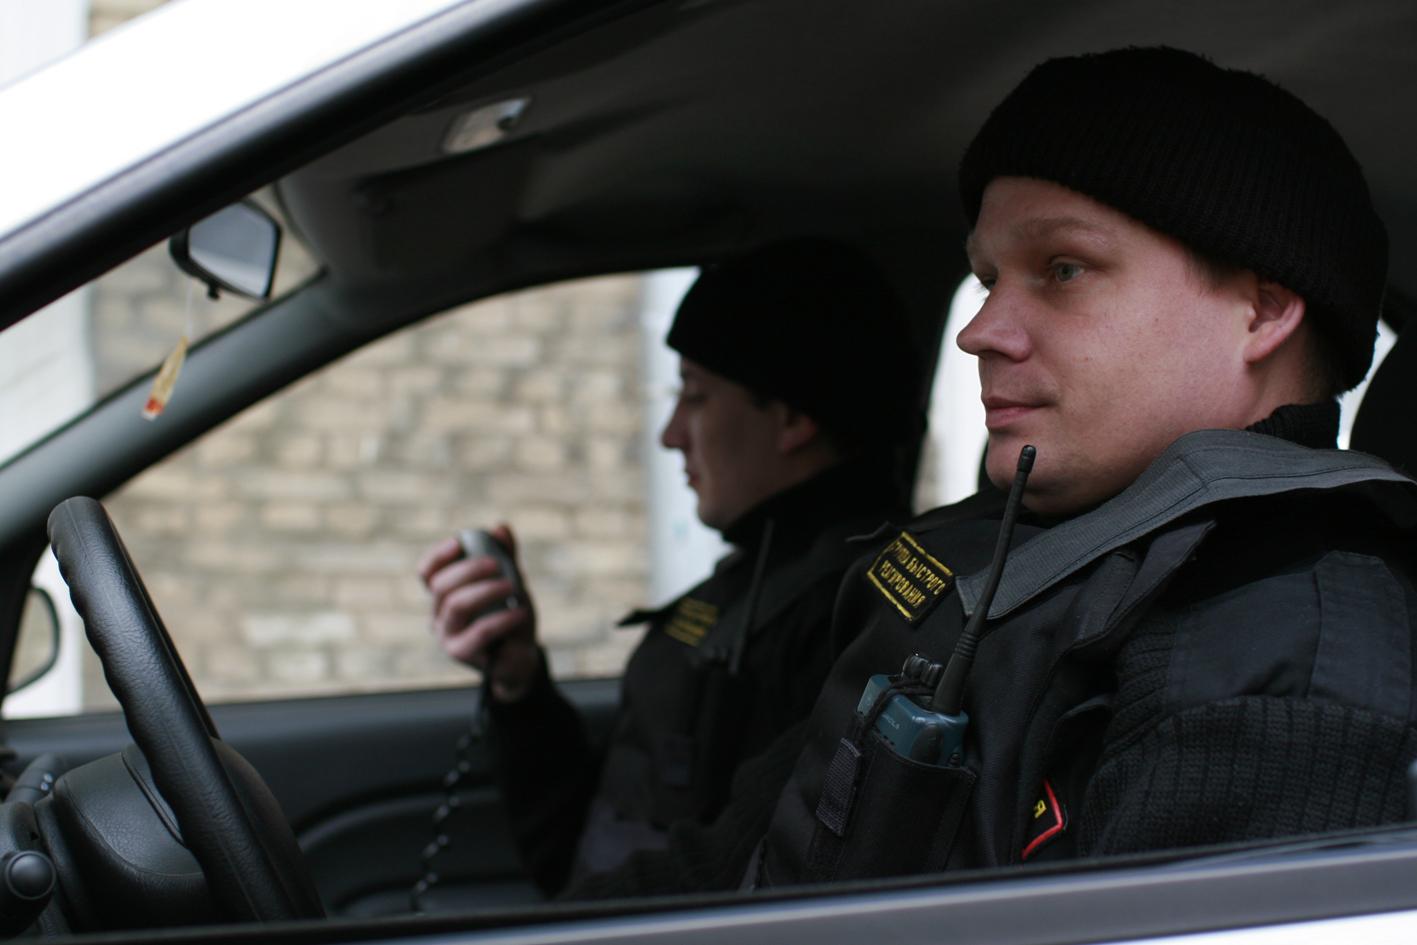 вакансии охранник-водитель в московской области над фотографиями